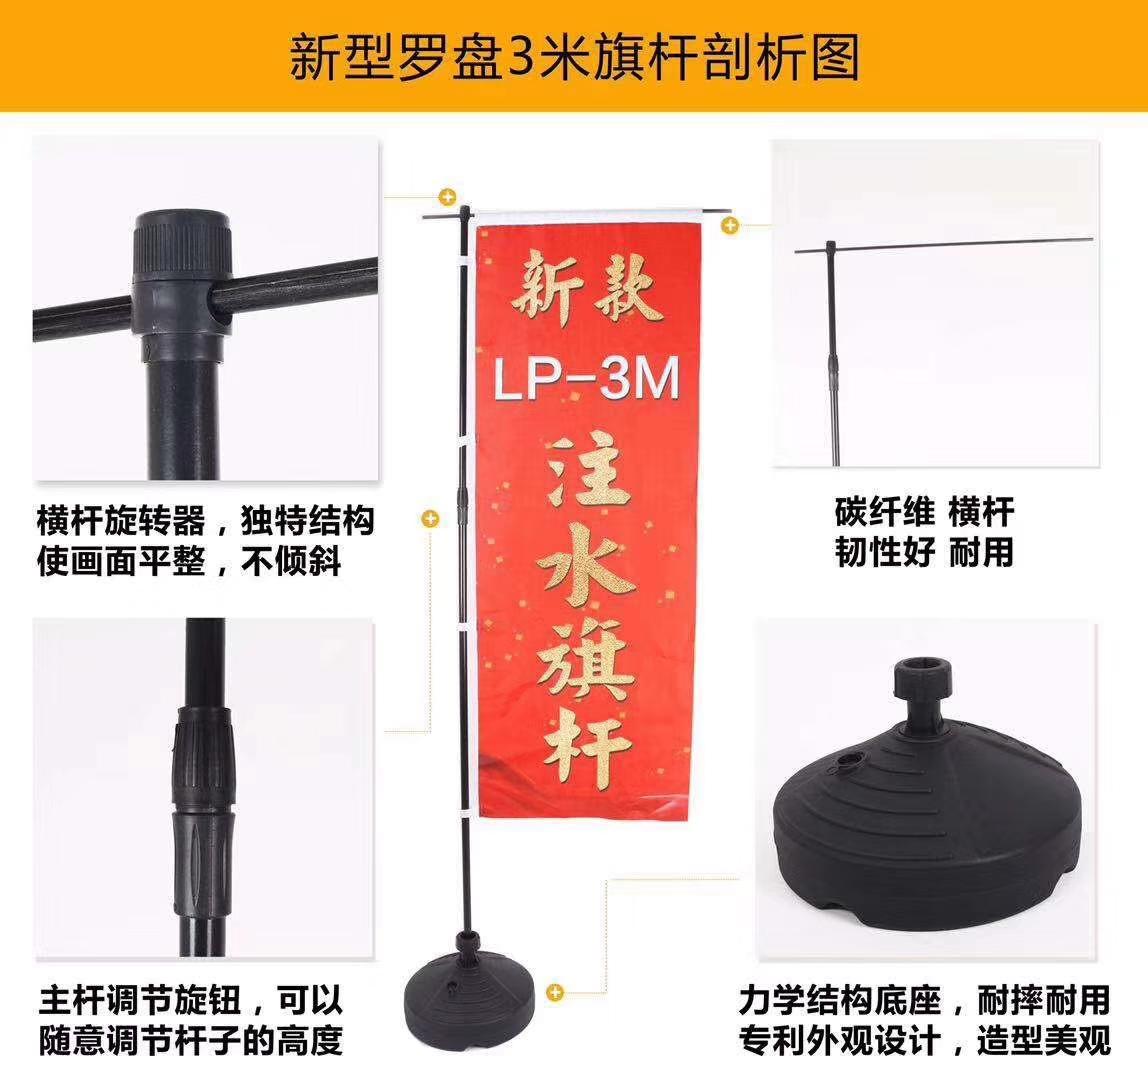 優質3米注水旗制作 伸縮式注水道旗 采用先進工藝流程